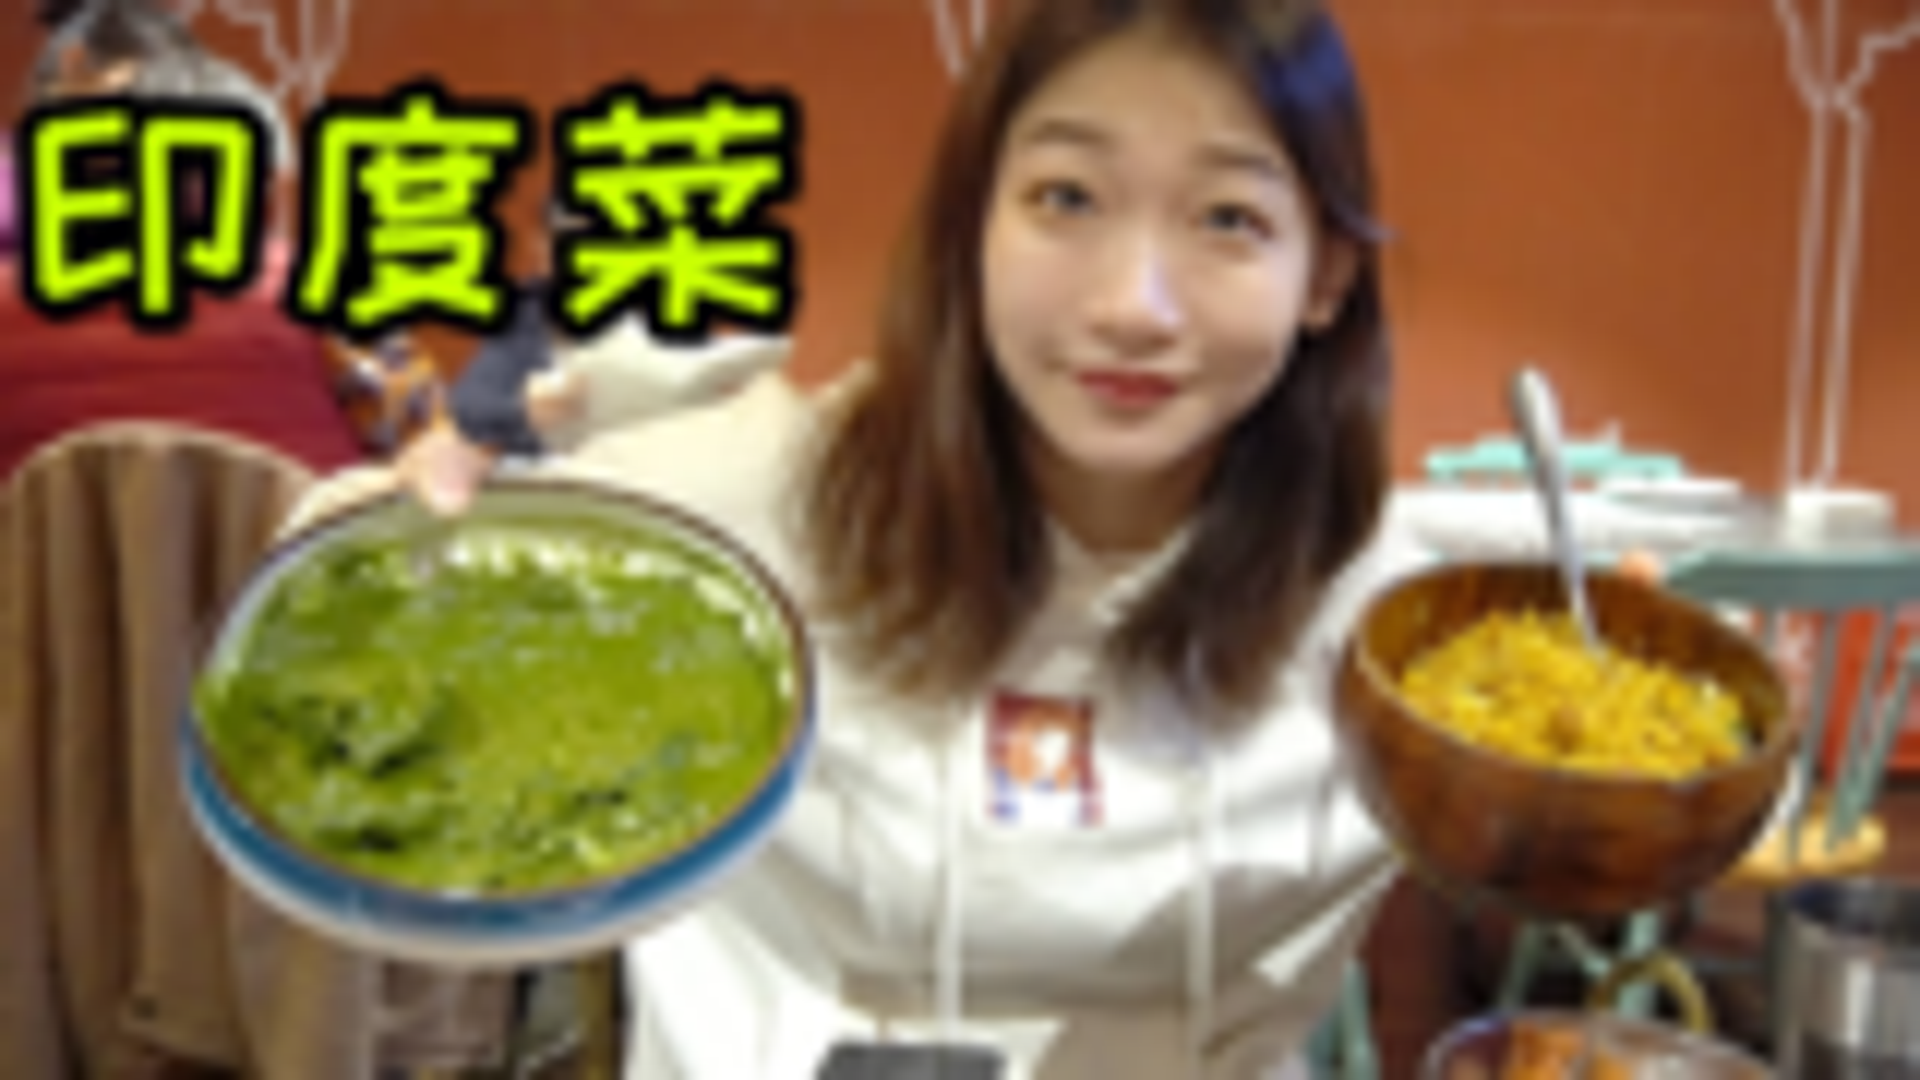 试吃绿油油的印度咖喱饭!感觉打开了新世界的大门!